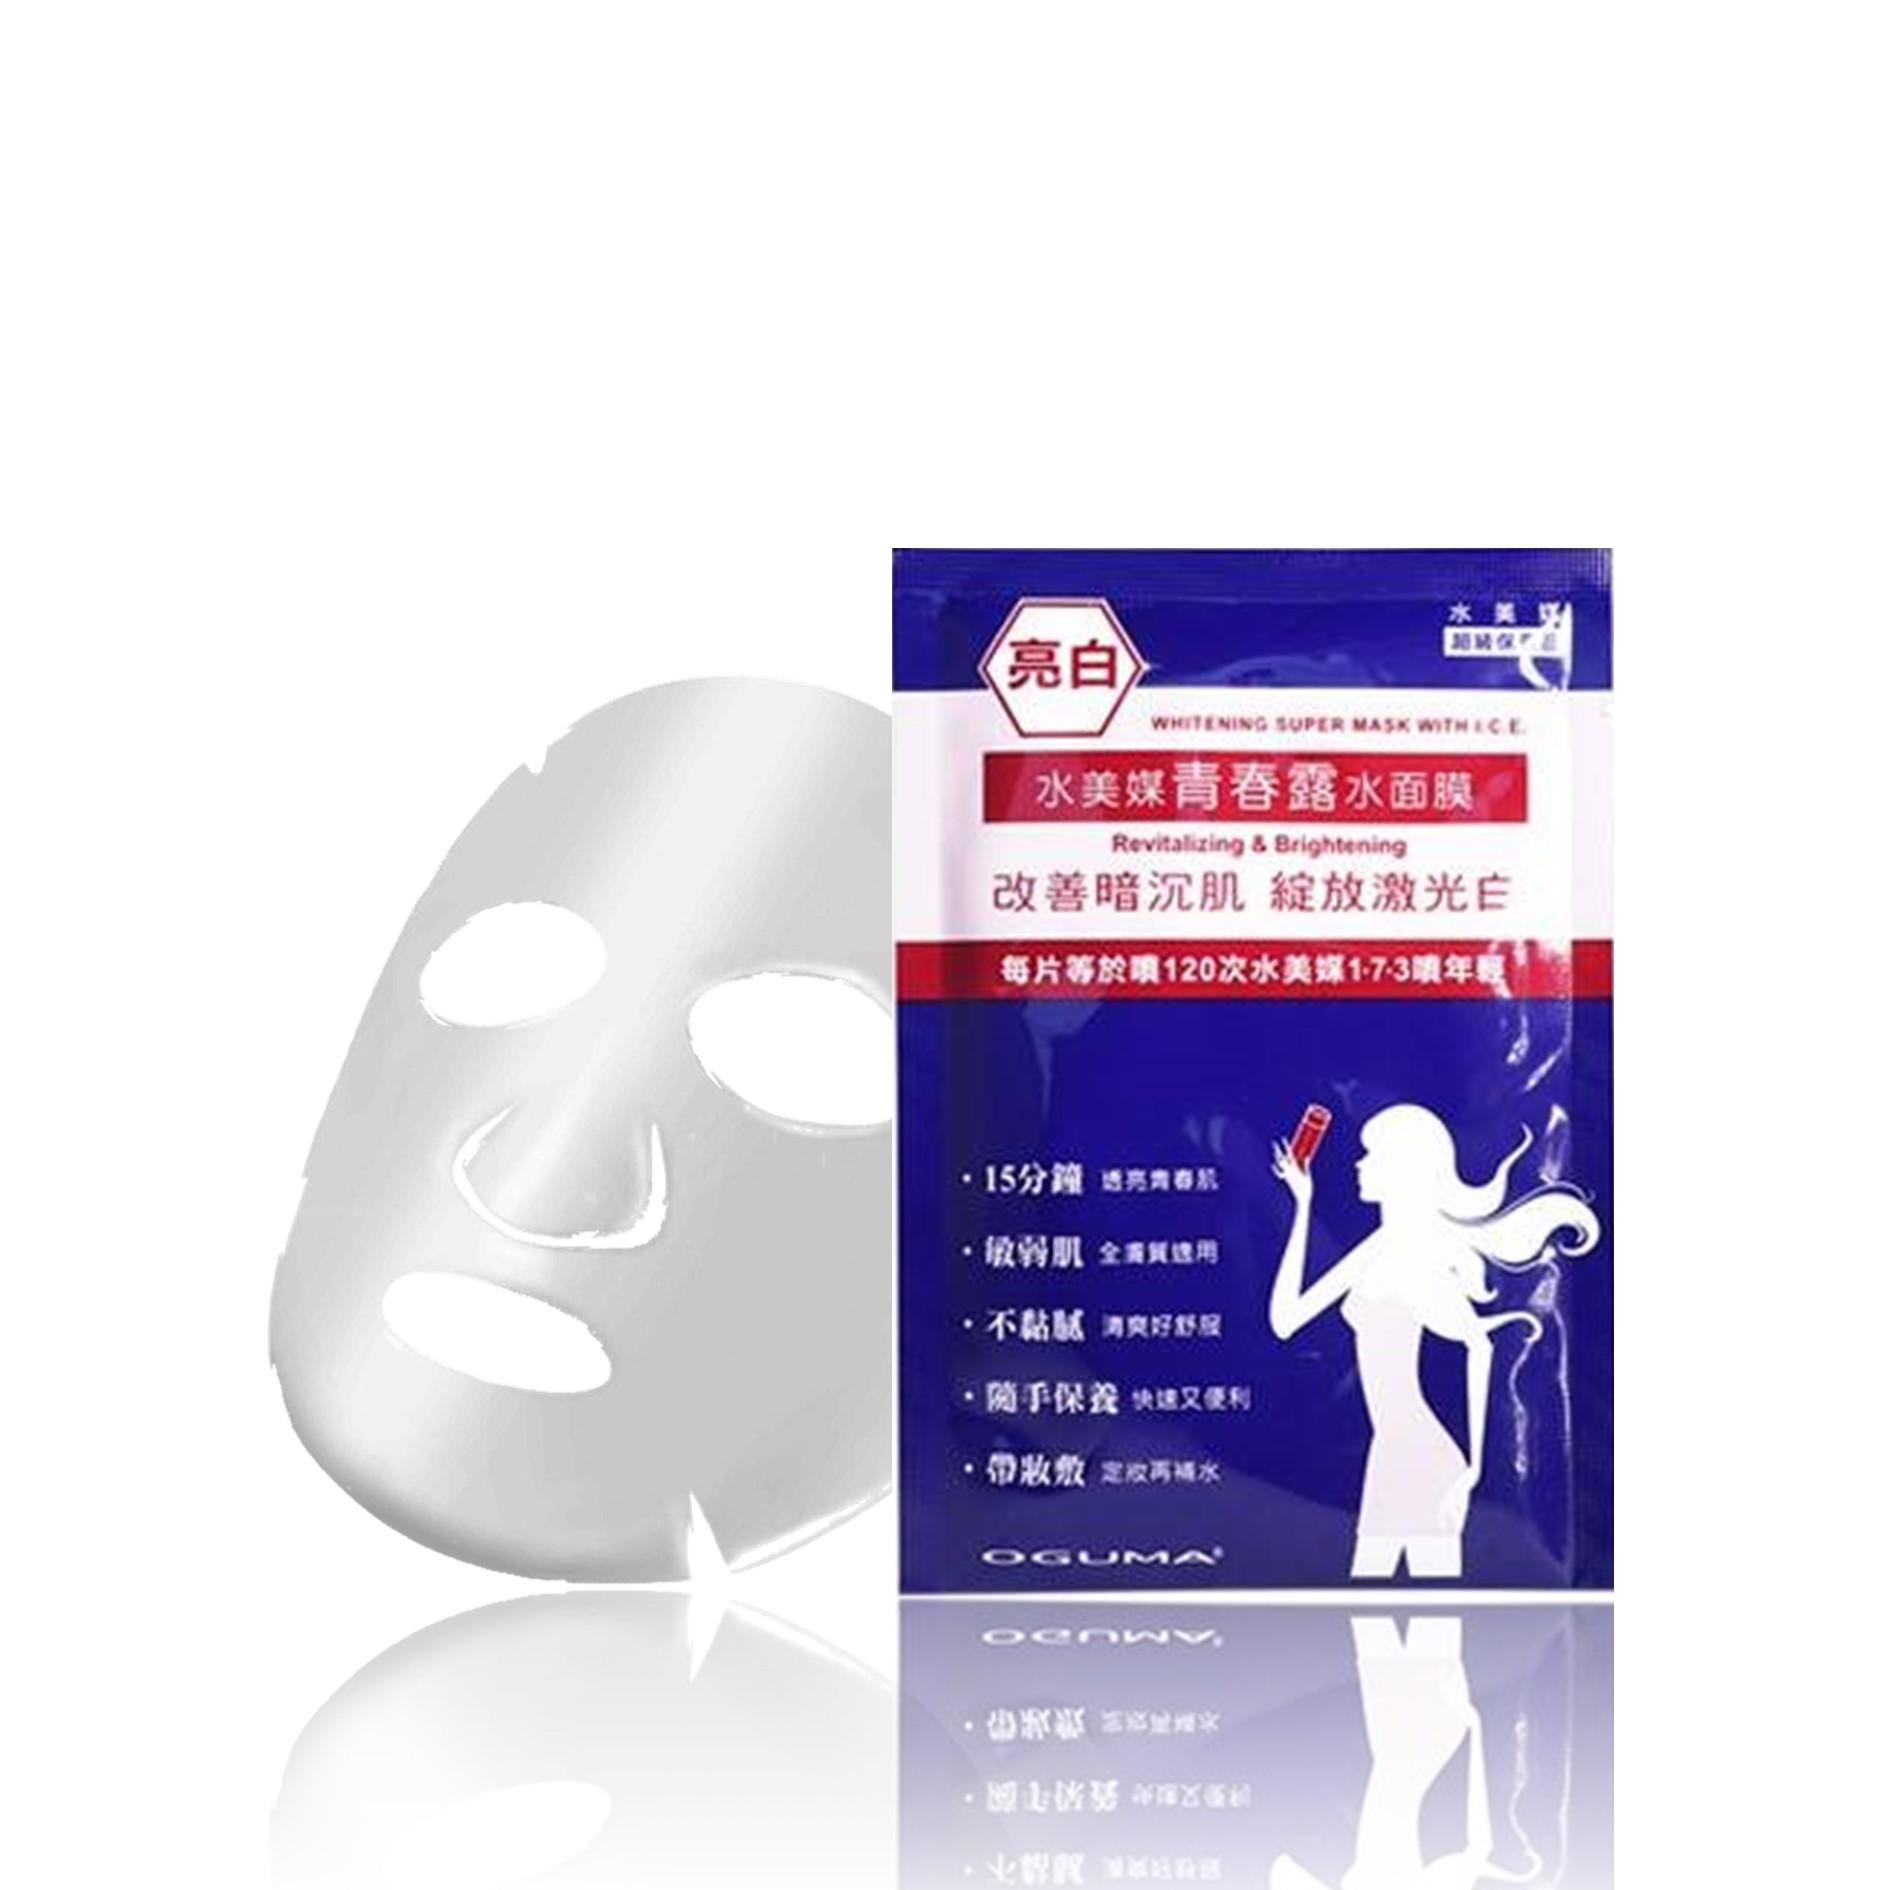 OGUMA Whitening Super Mask with I.C.E.